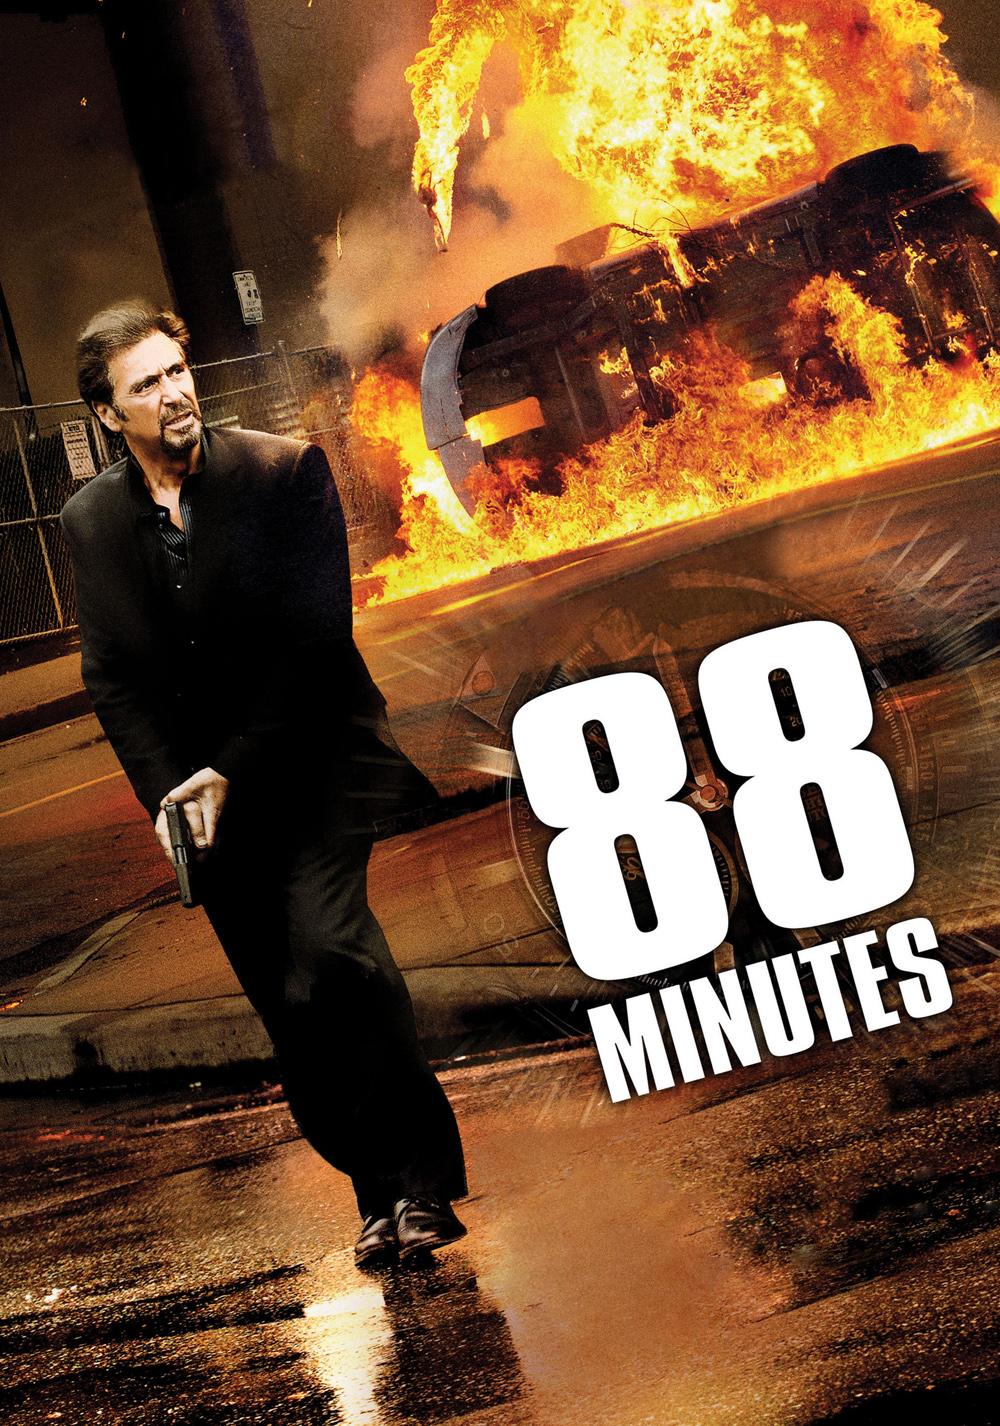 88 Minutes | Die Hard scenario Wiki | FANDOM powered by Wikia House Broken Movie